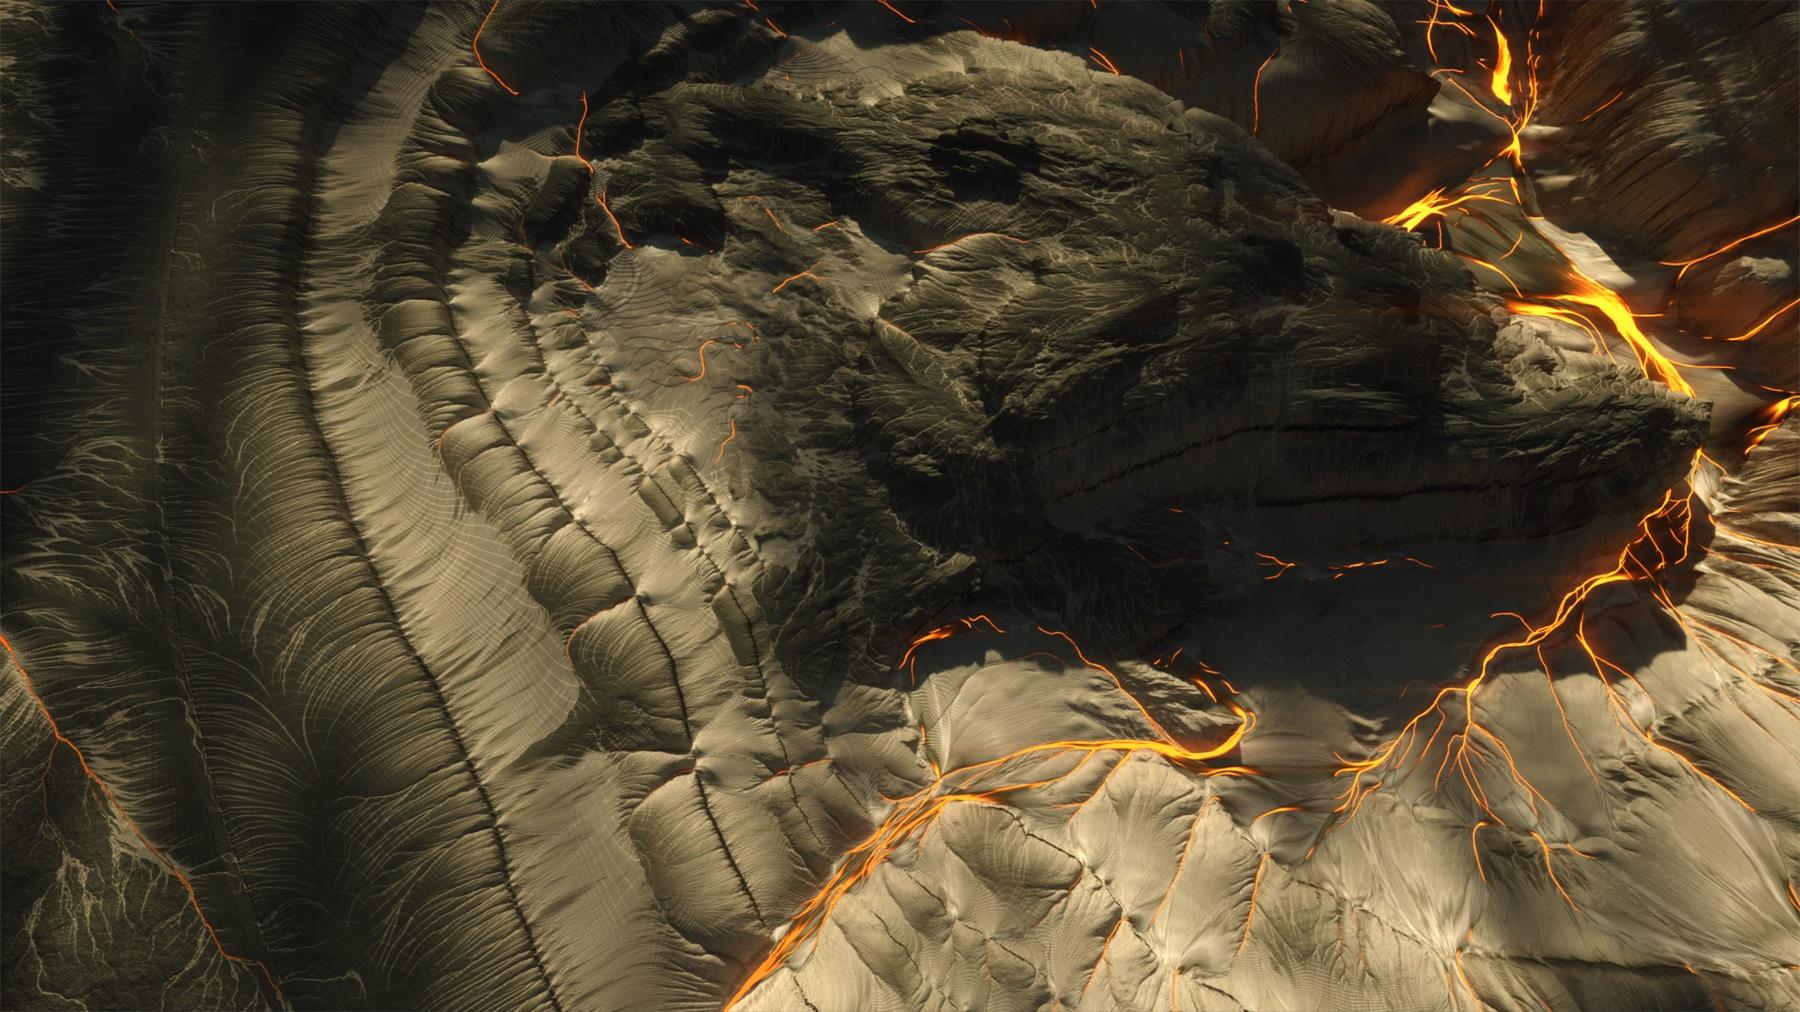 C4素材网-C4D工程-28组8K高精度科幻地形山脉贴图【附赠工程及教程】